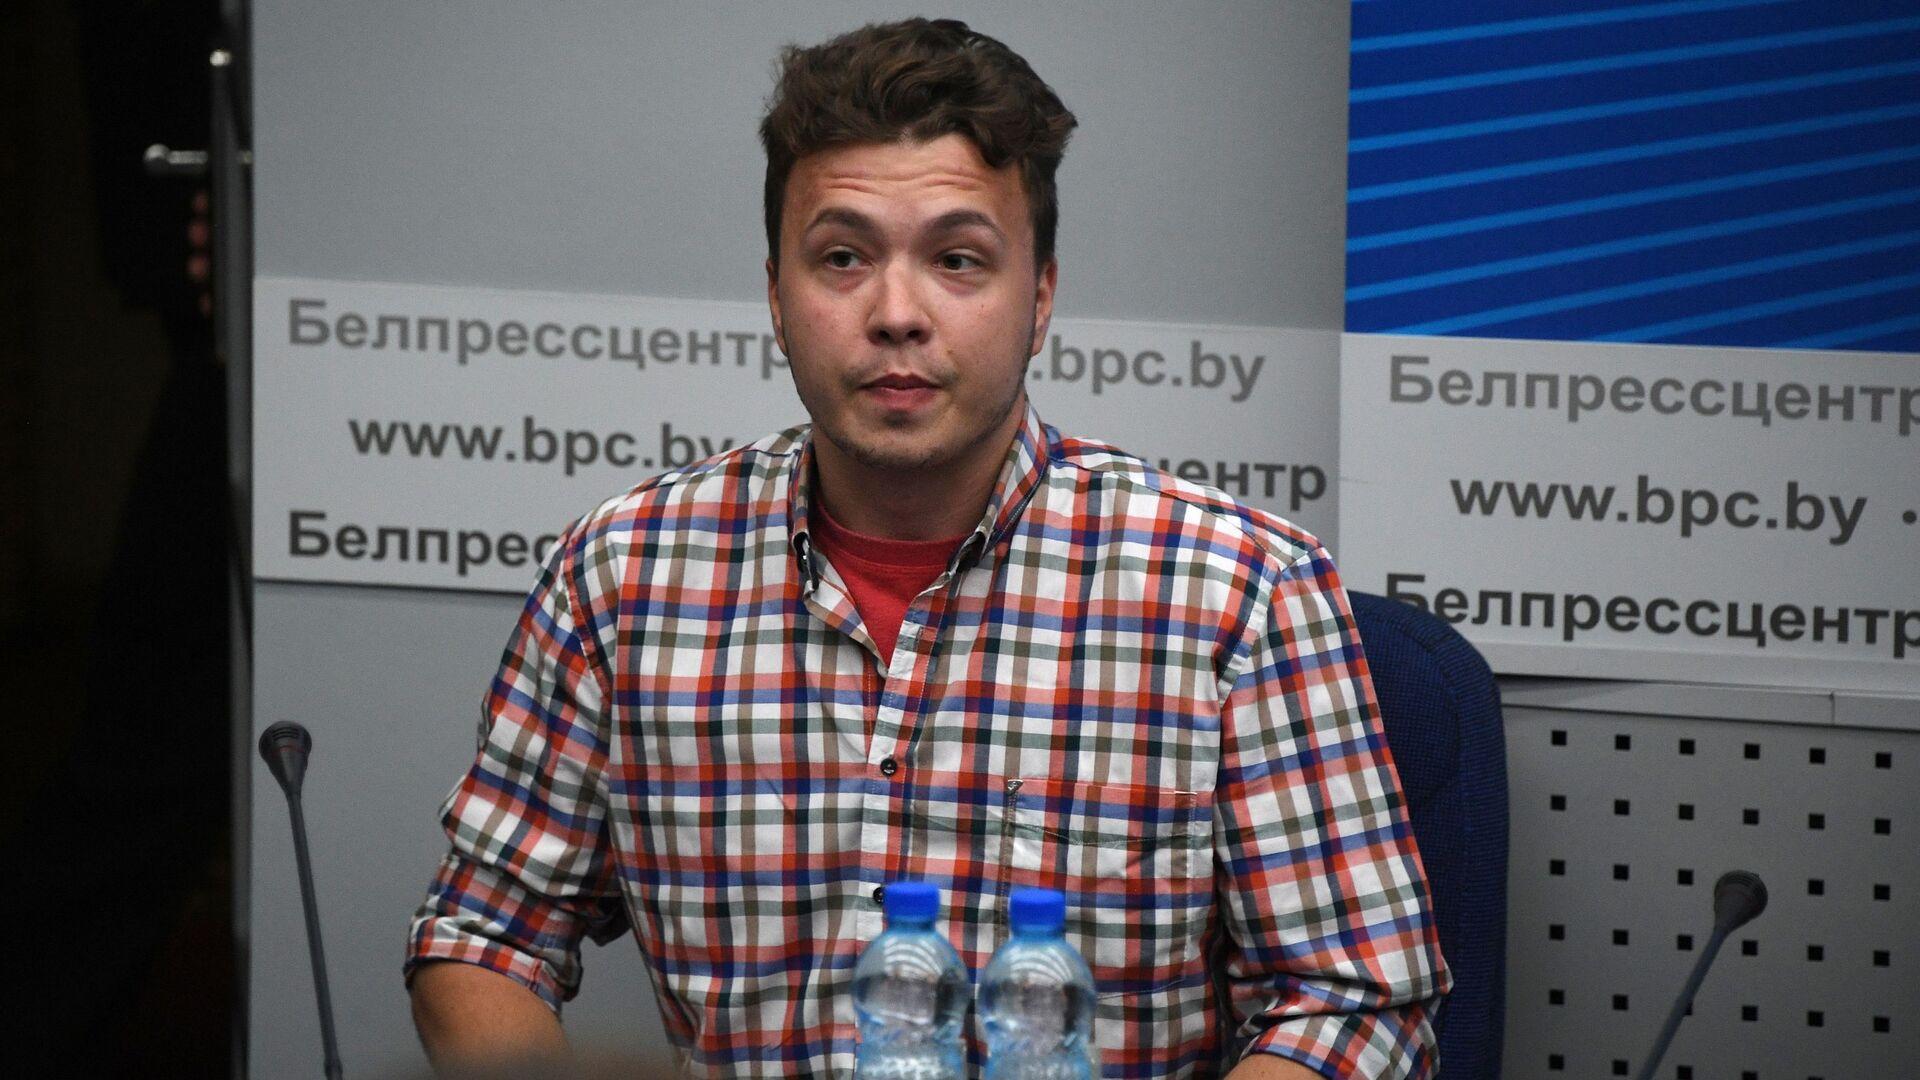 Raman Pratasiewicz na konferencji prasowej w Mińsku - Sputnik Polska, 1920, 25.06.2021